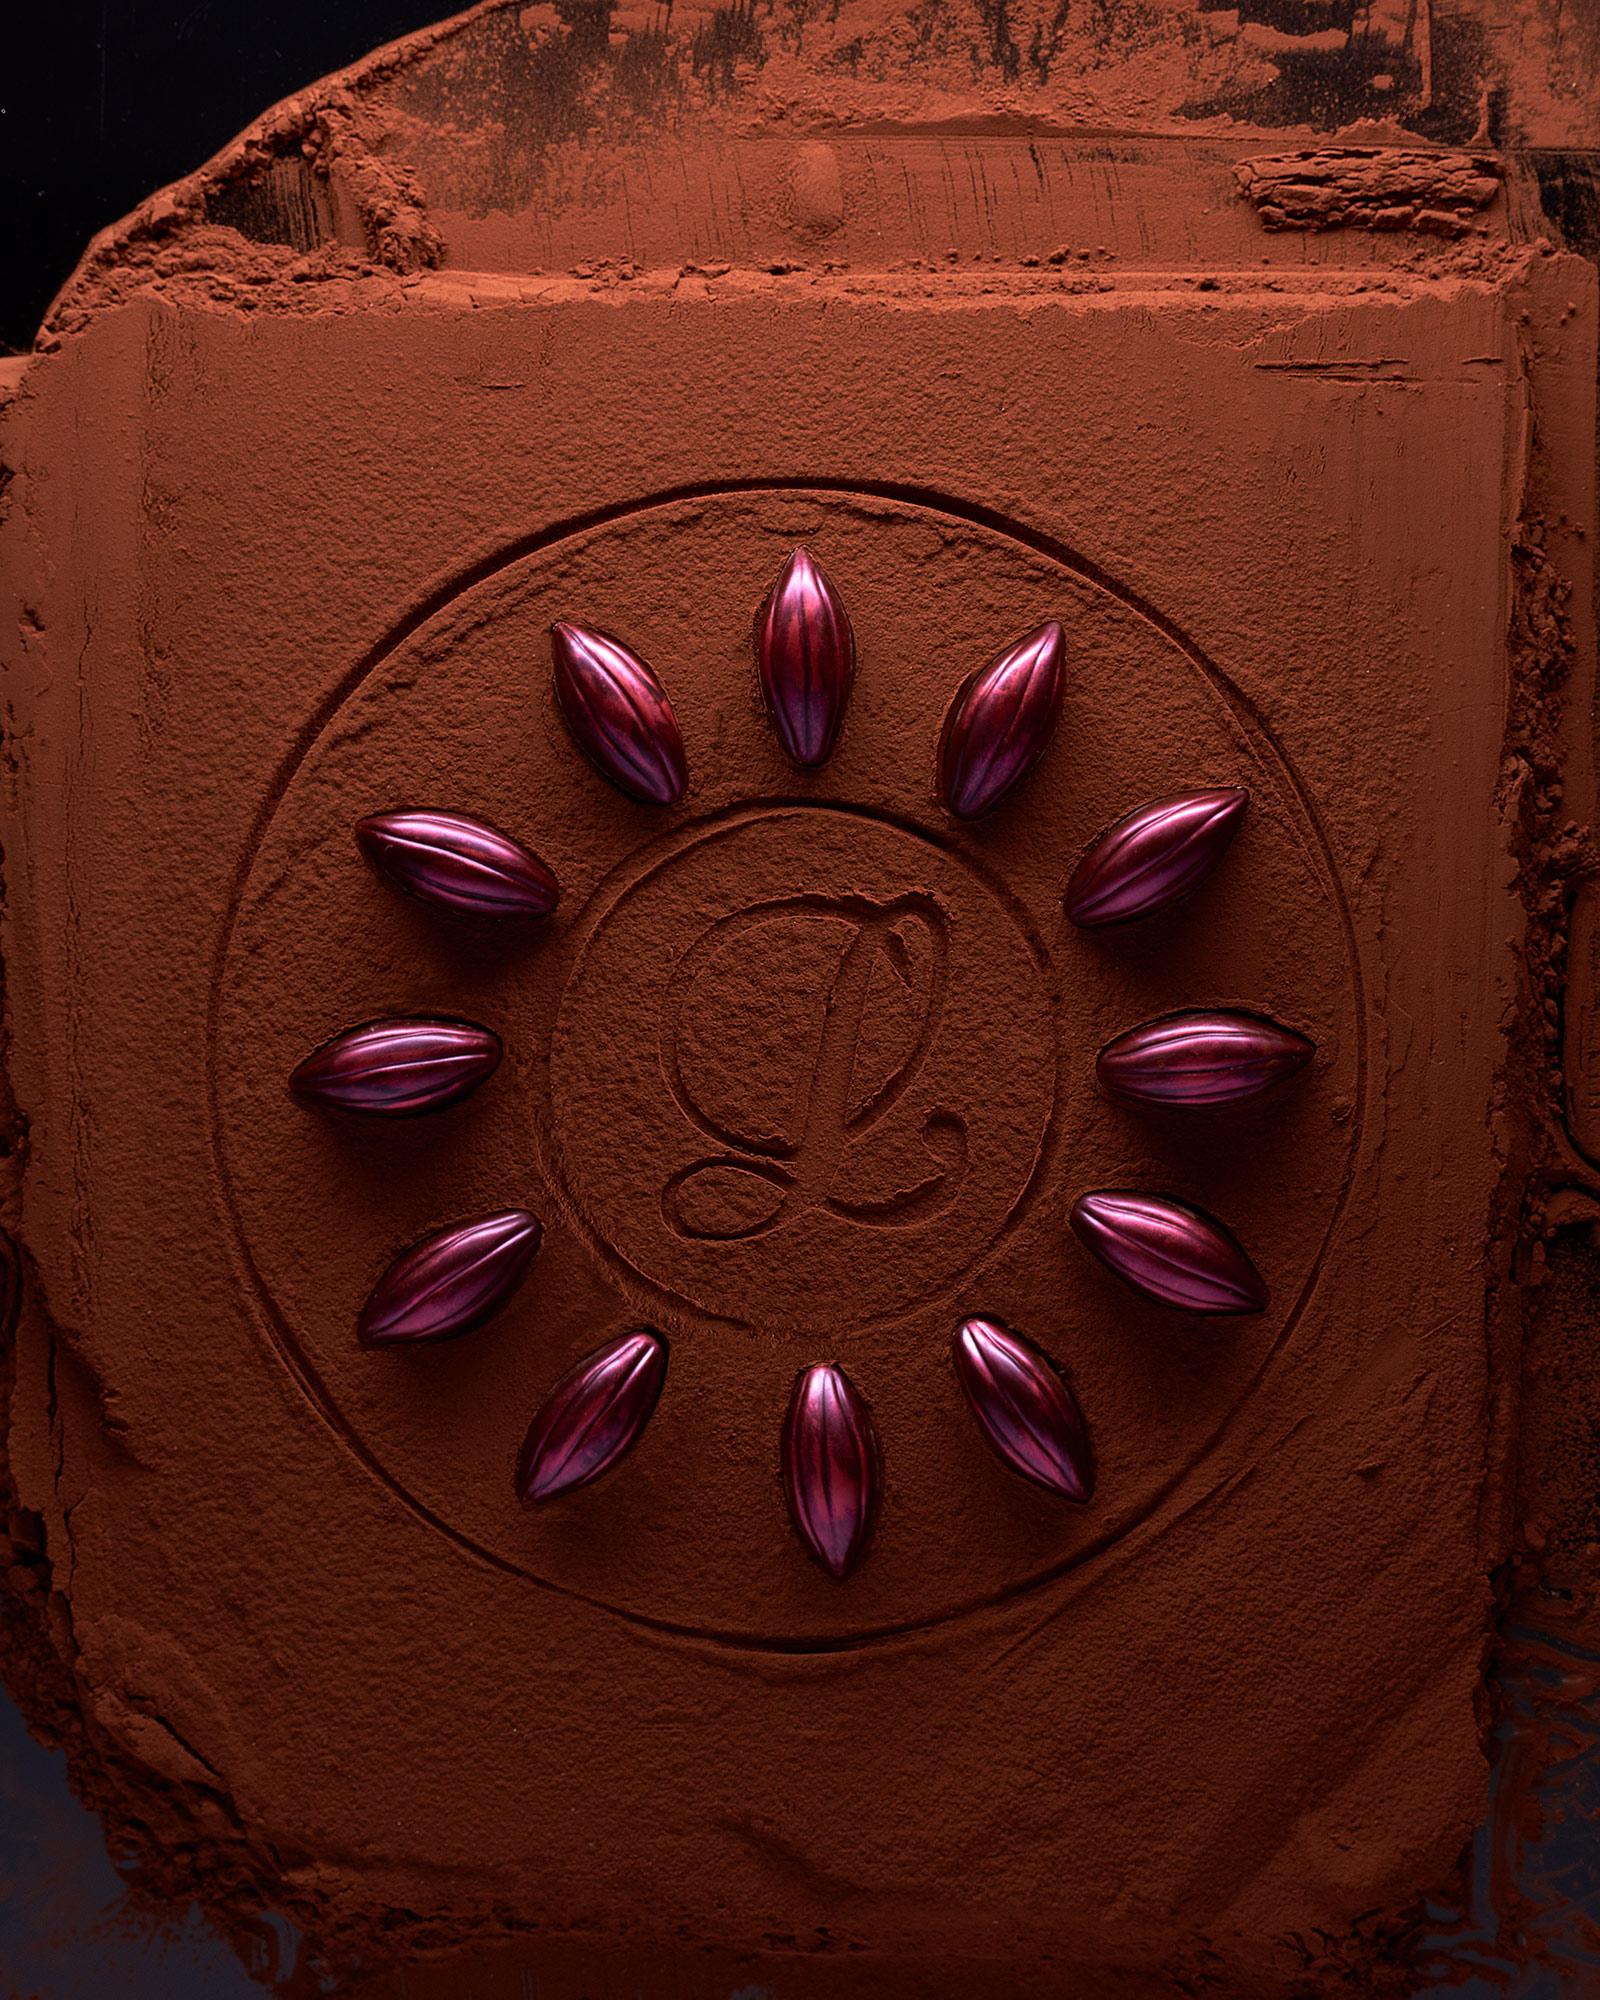 Poudre de cacao et chocolat Lemarquis Lausanne suisse